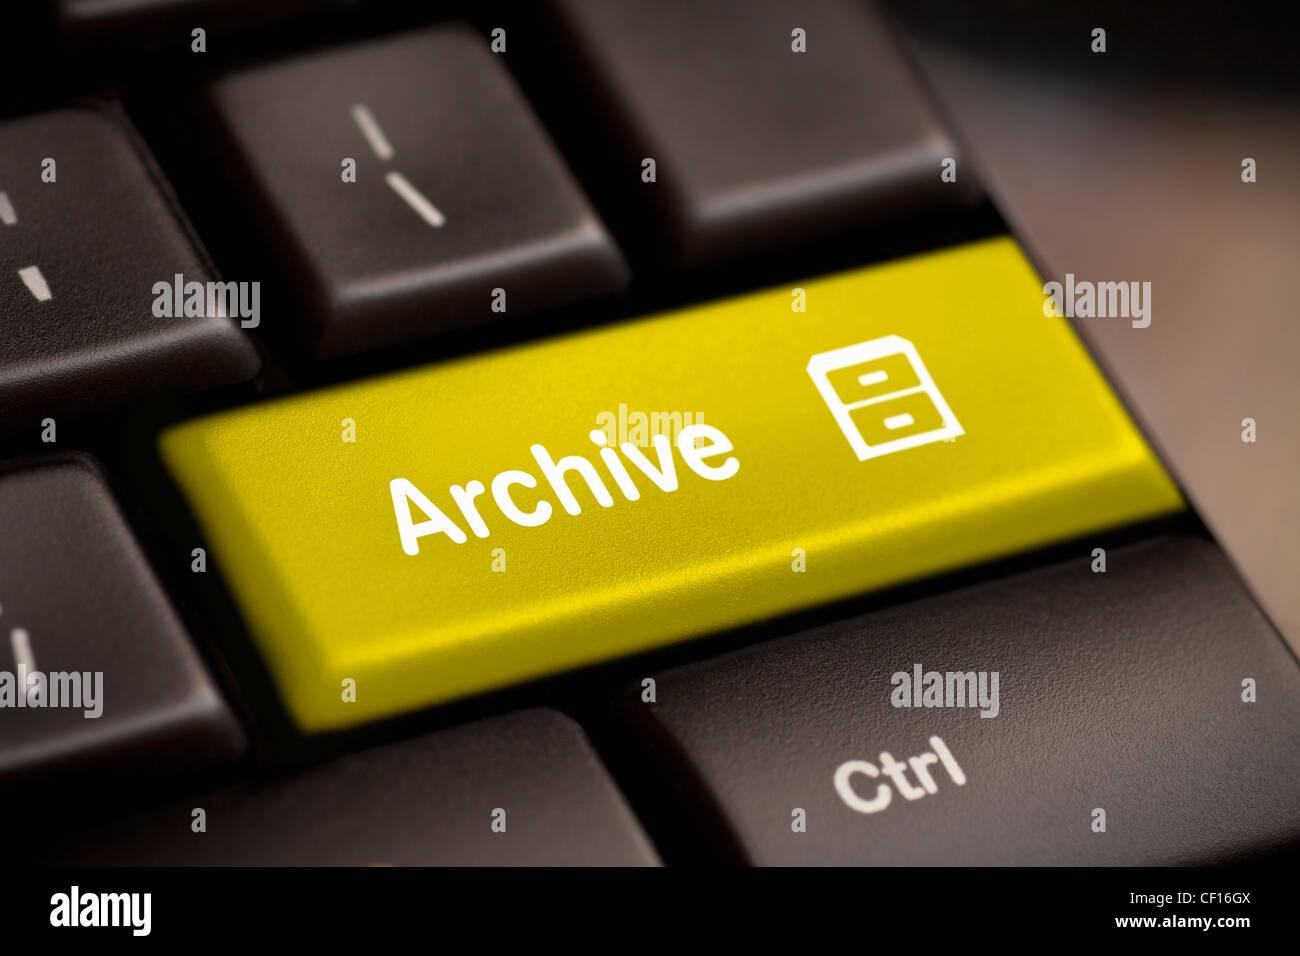 L'archivio giallo il tasto enter key Immagini Stock